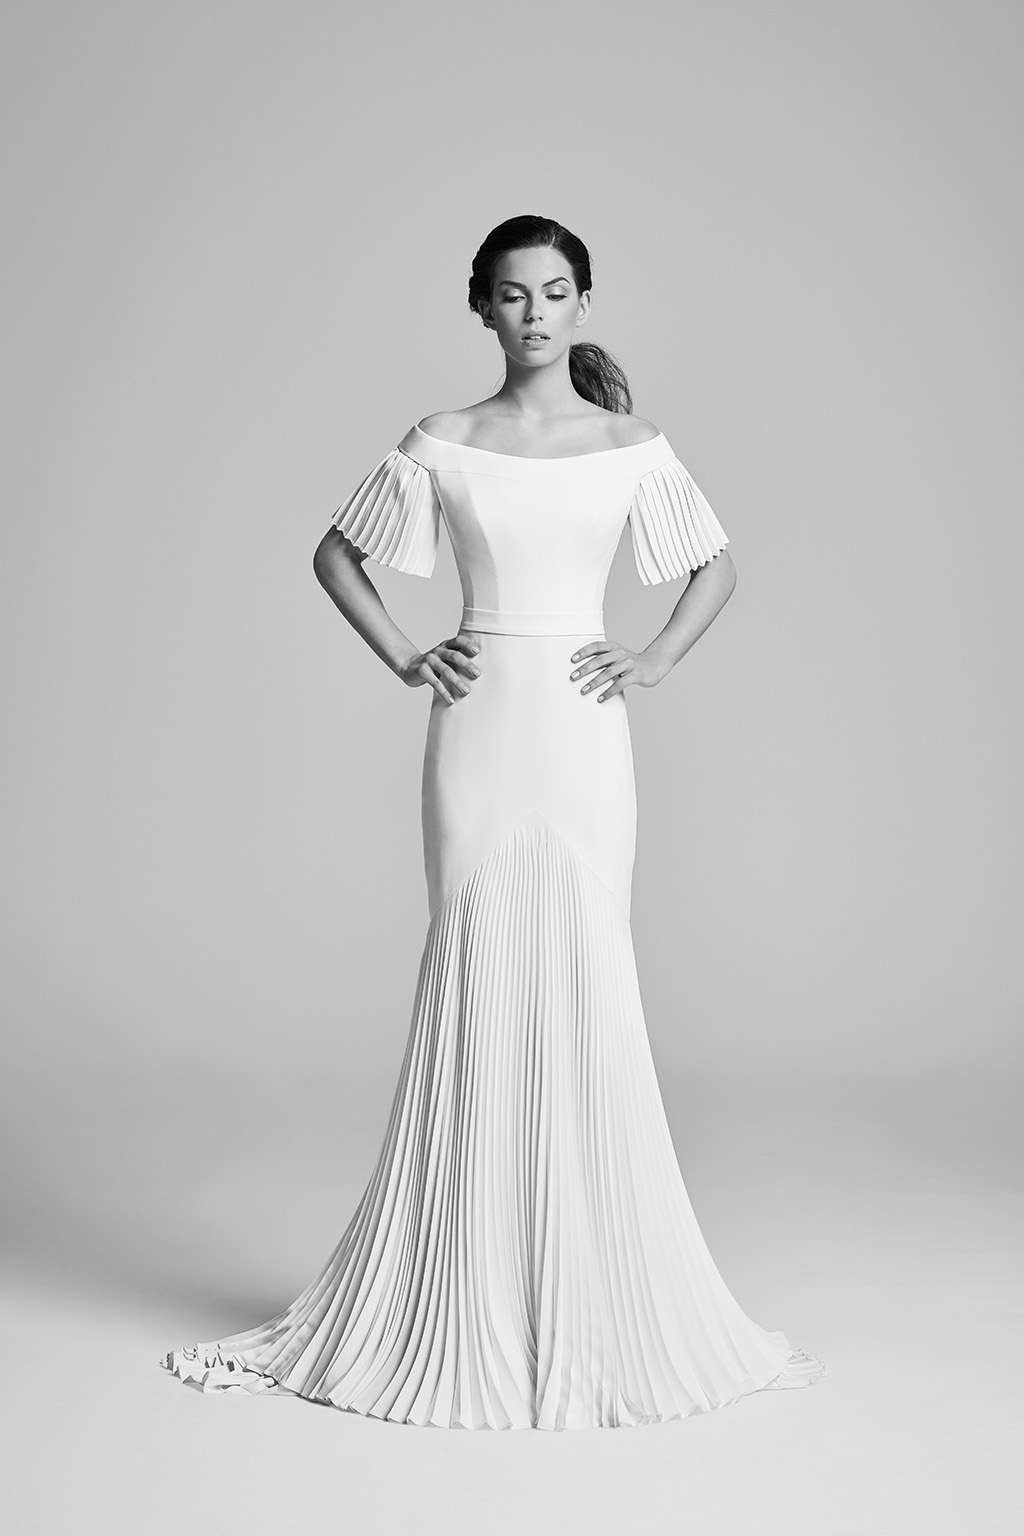 nouveau-bridalcouture-wedding-dresses-uk-belle-epoque-collection-2018-by-designer-suzanne-neville